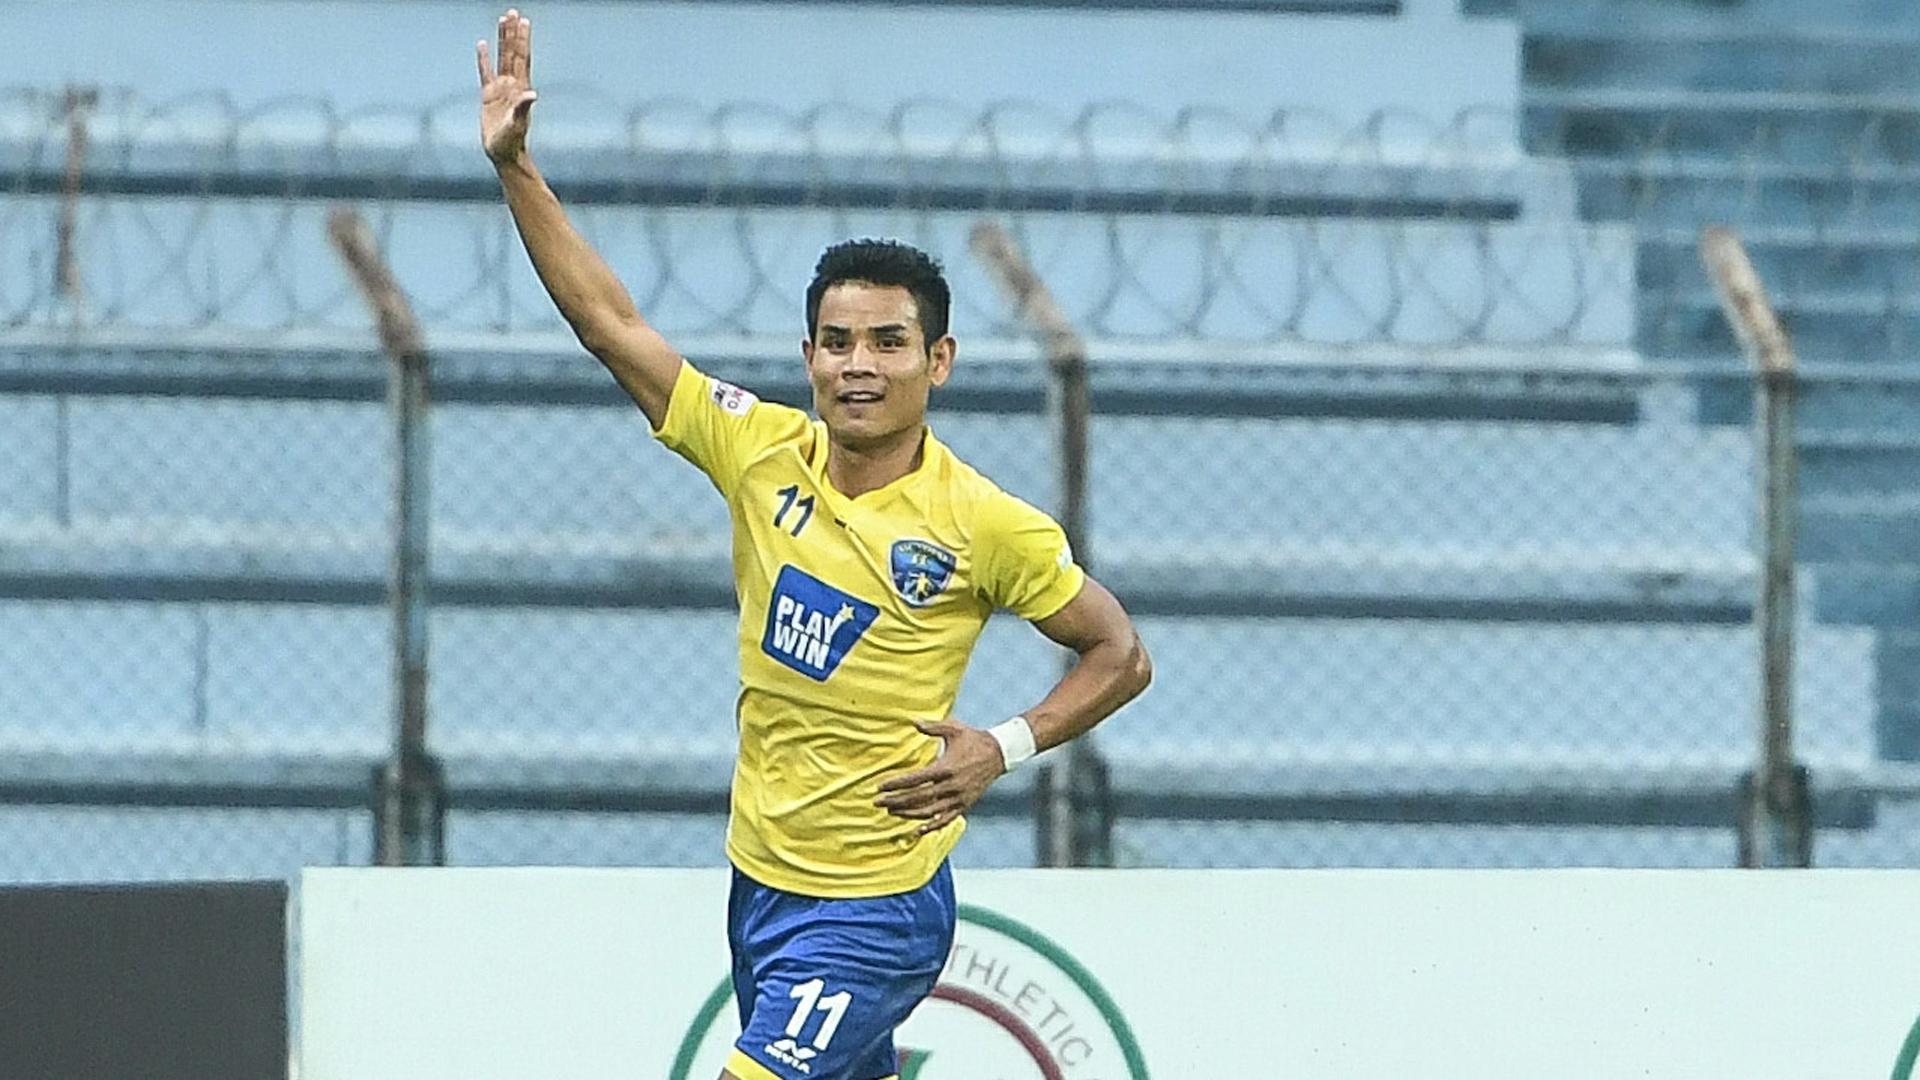 Thoi Singh Mohun Bagan Mumbai FC I-League 2017